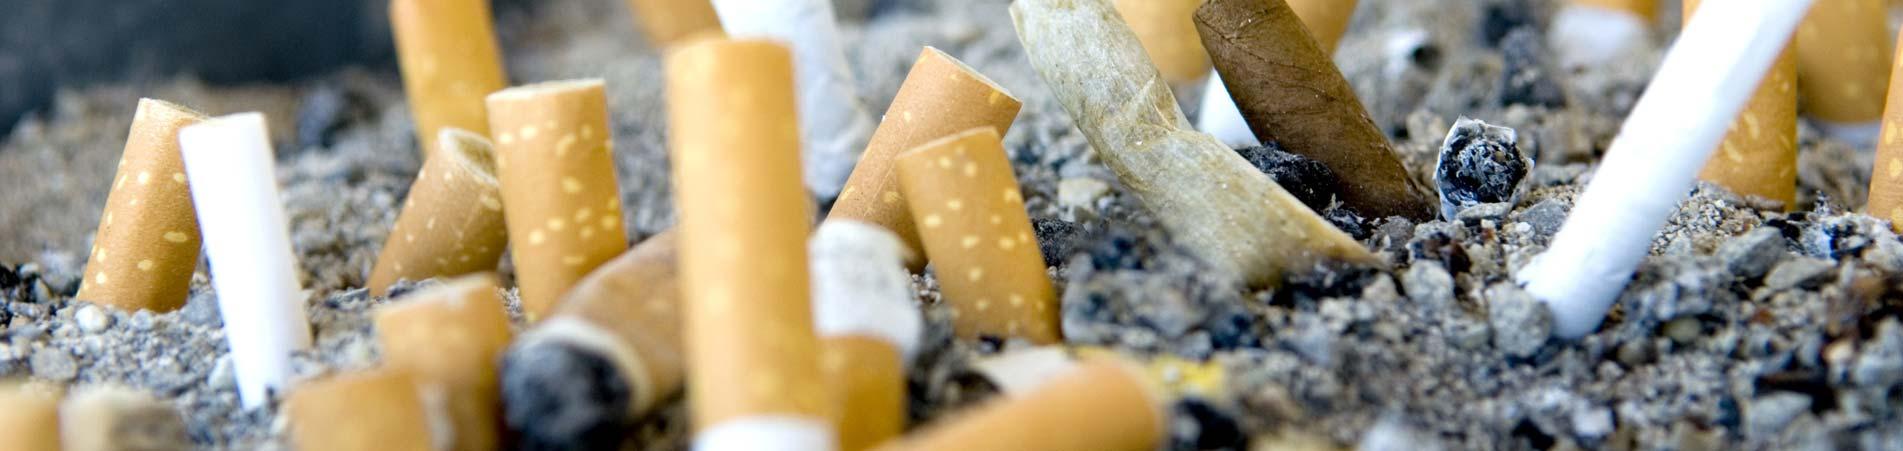 Biologische Geruchsvernichtung in Raucherwohnungen